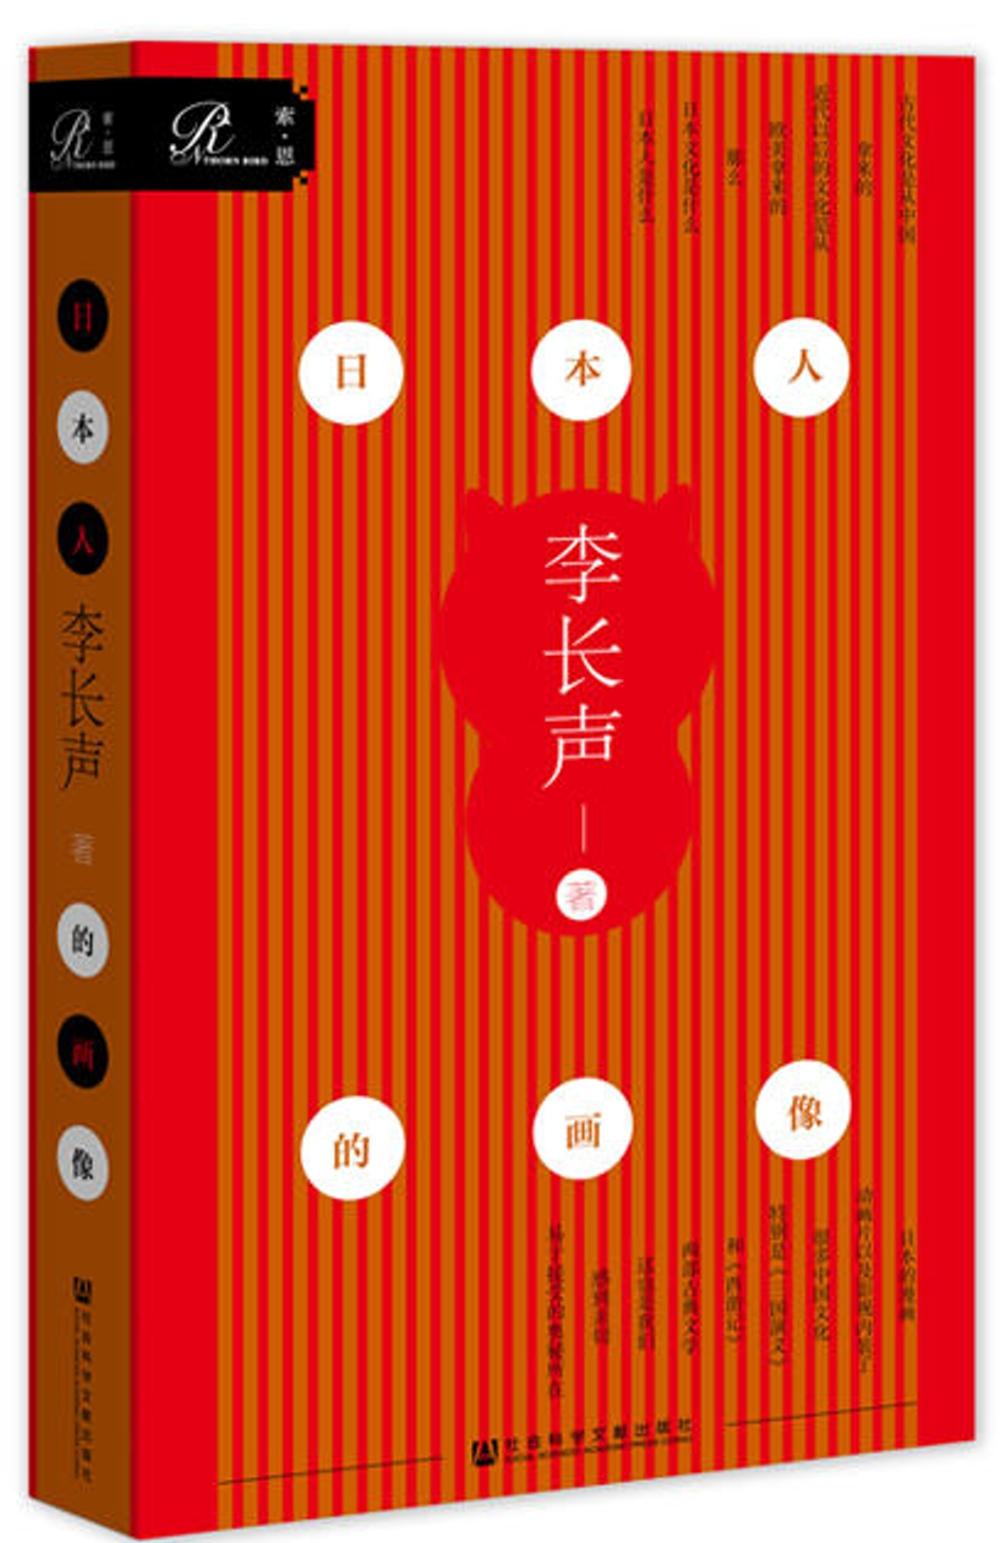 日本人的畫像